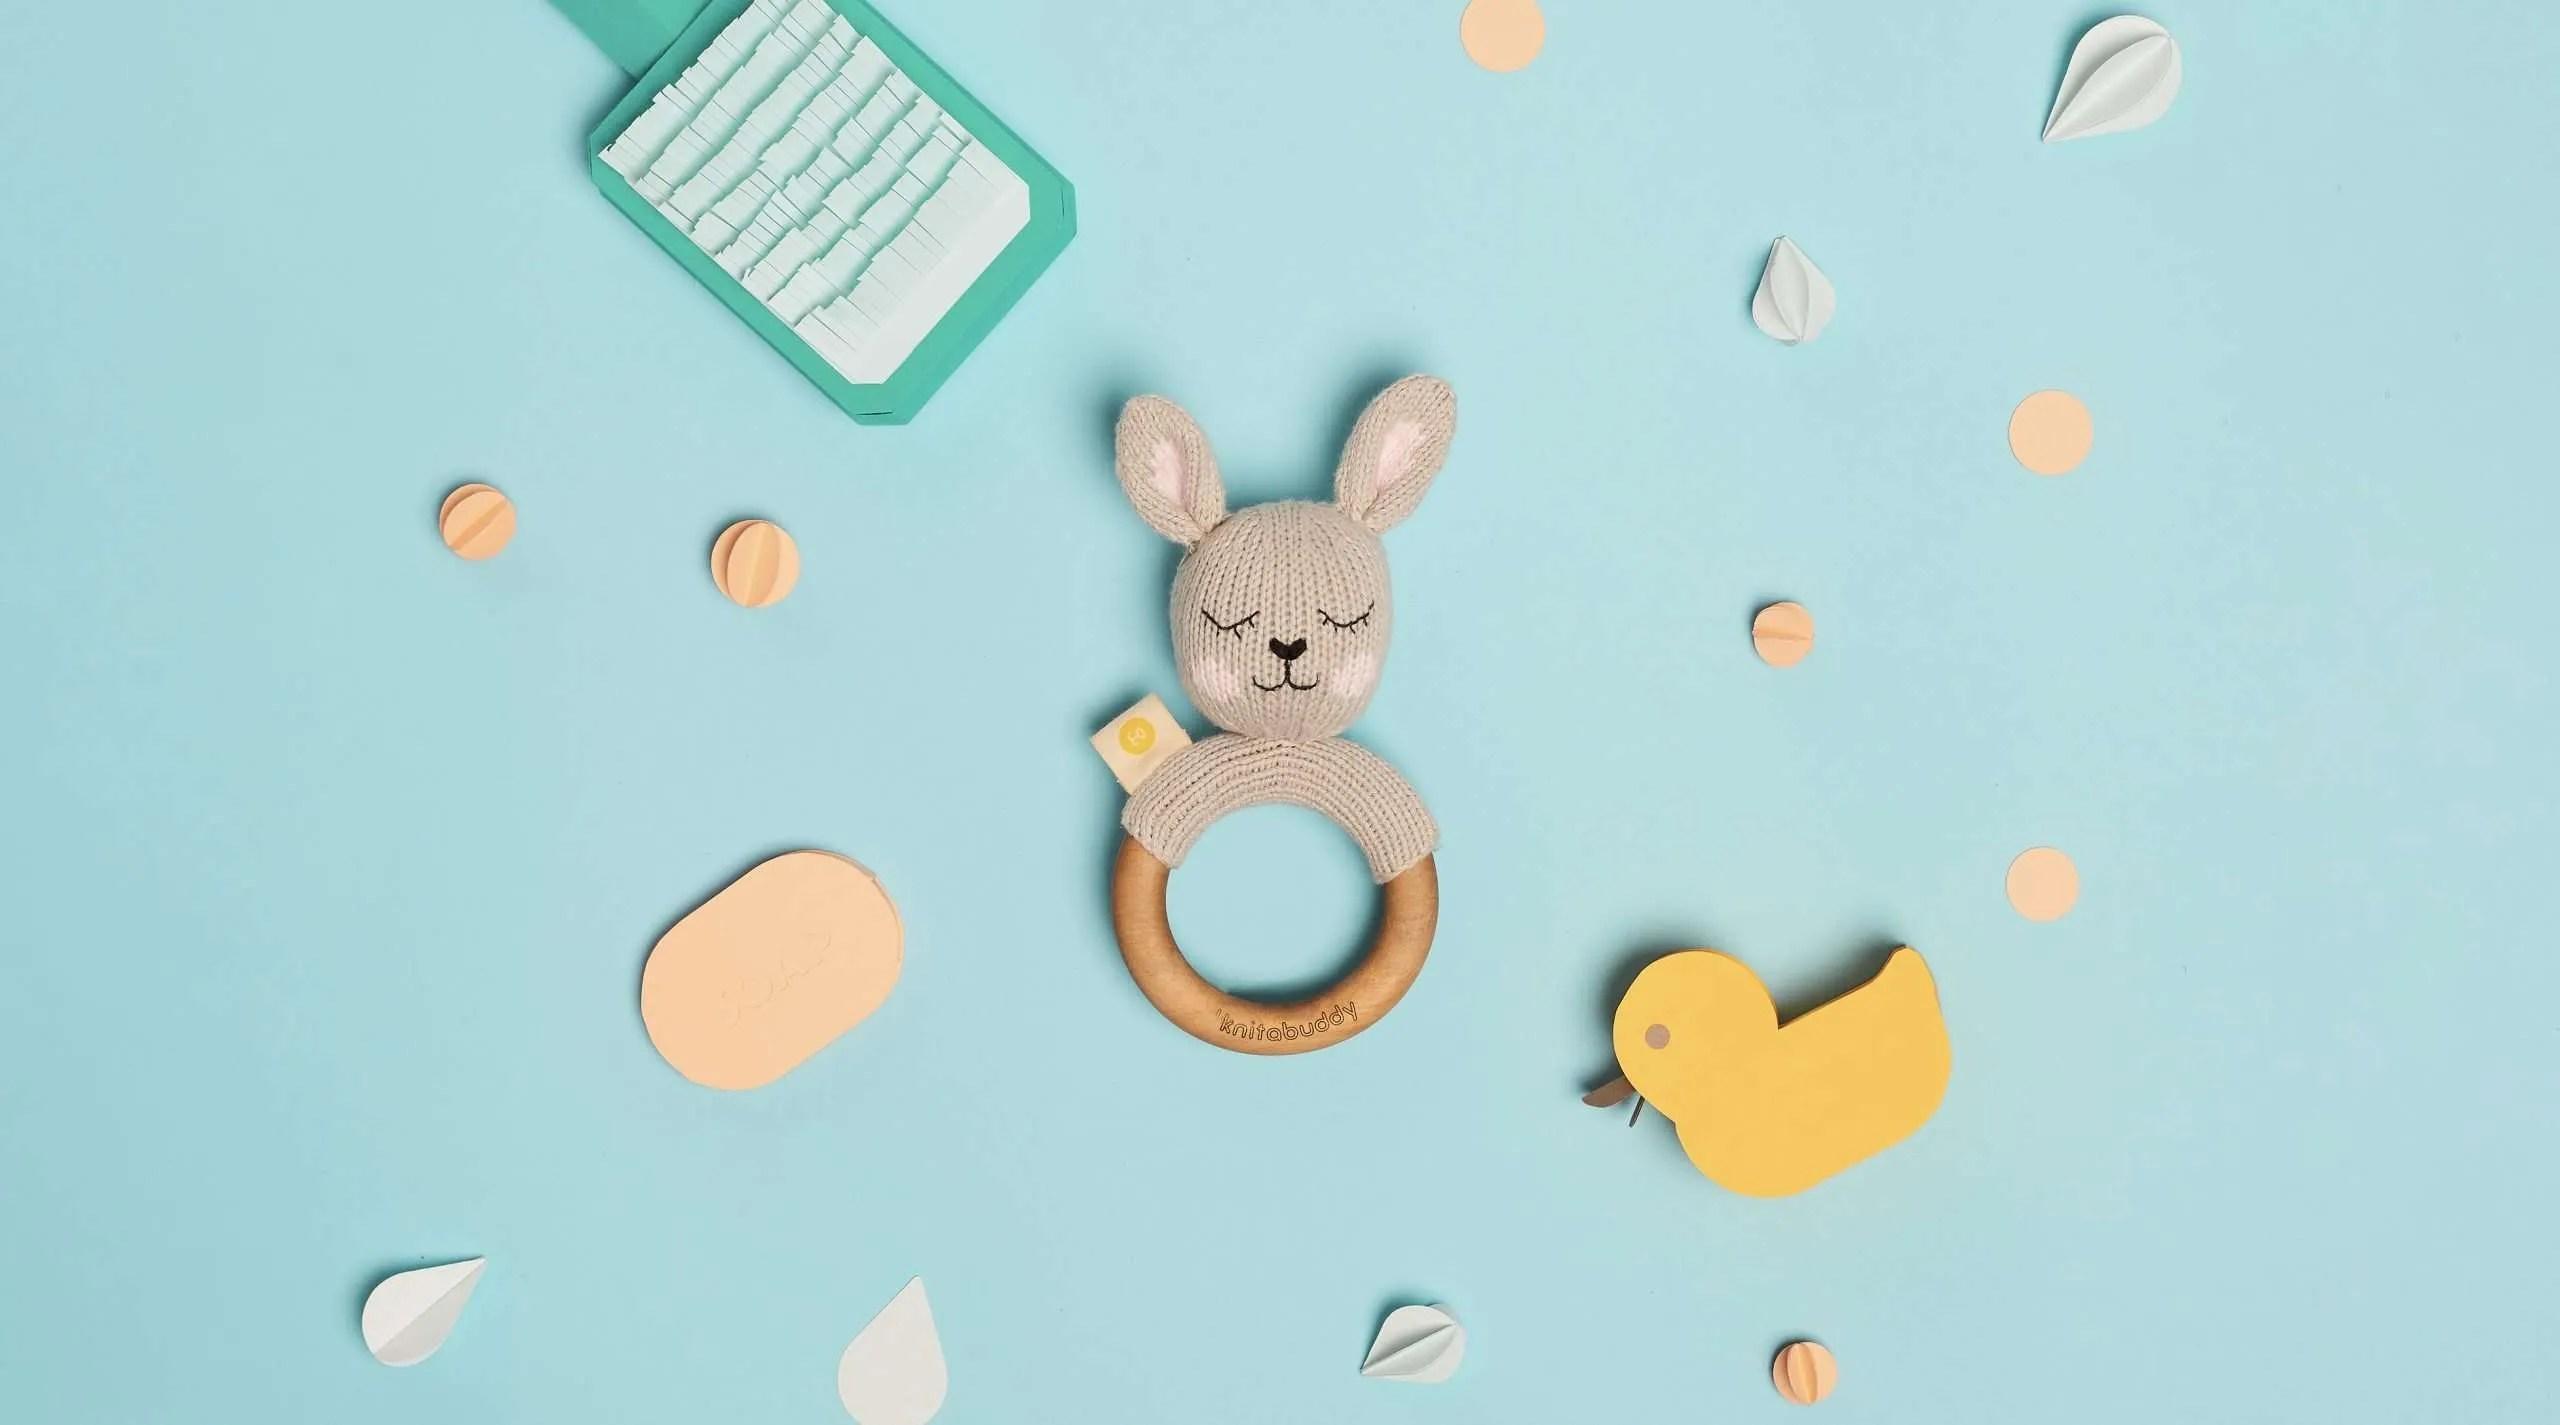 Mordedor de conejo artesanal en el baño